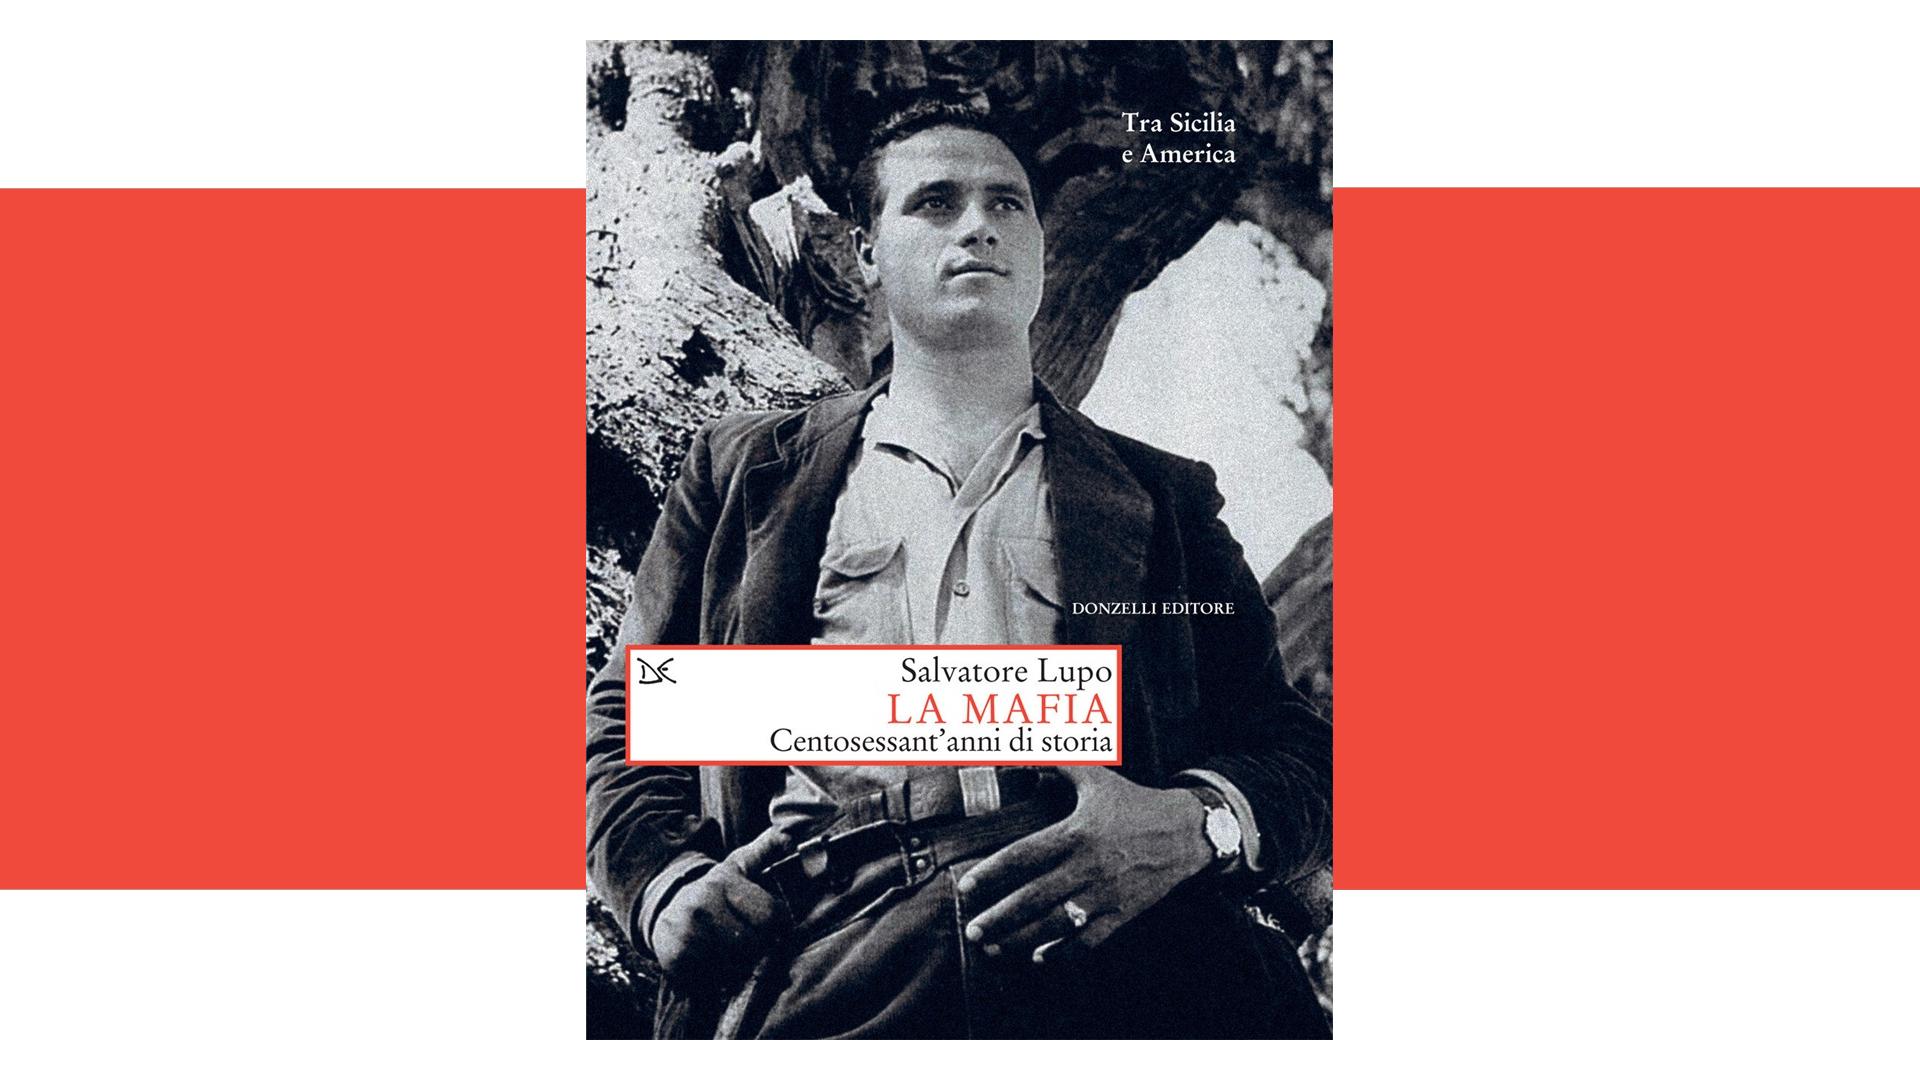 La mafia. Centosessant'anni di storia di Salvatore Lupo